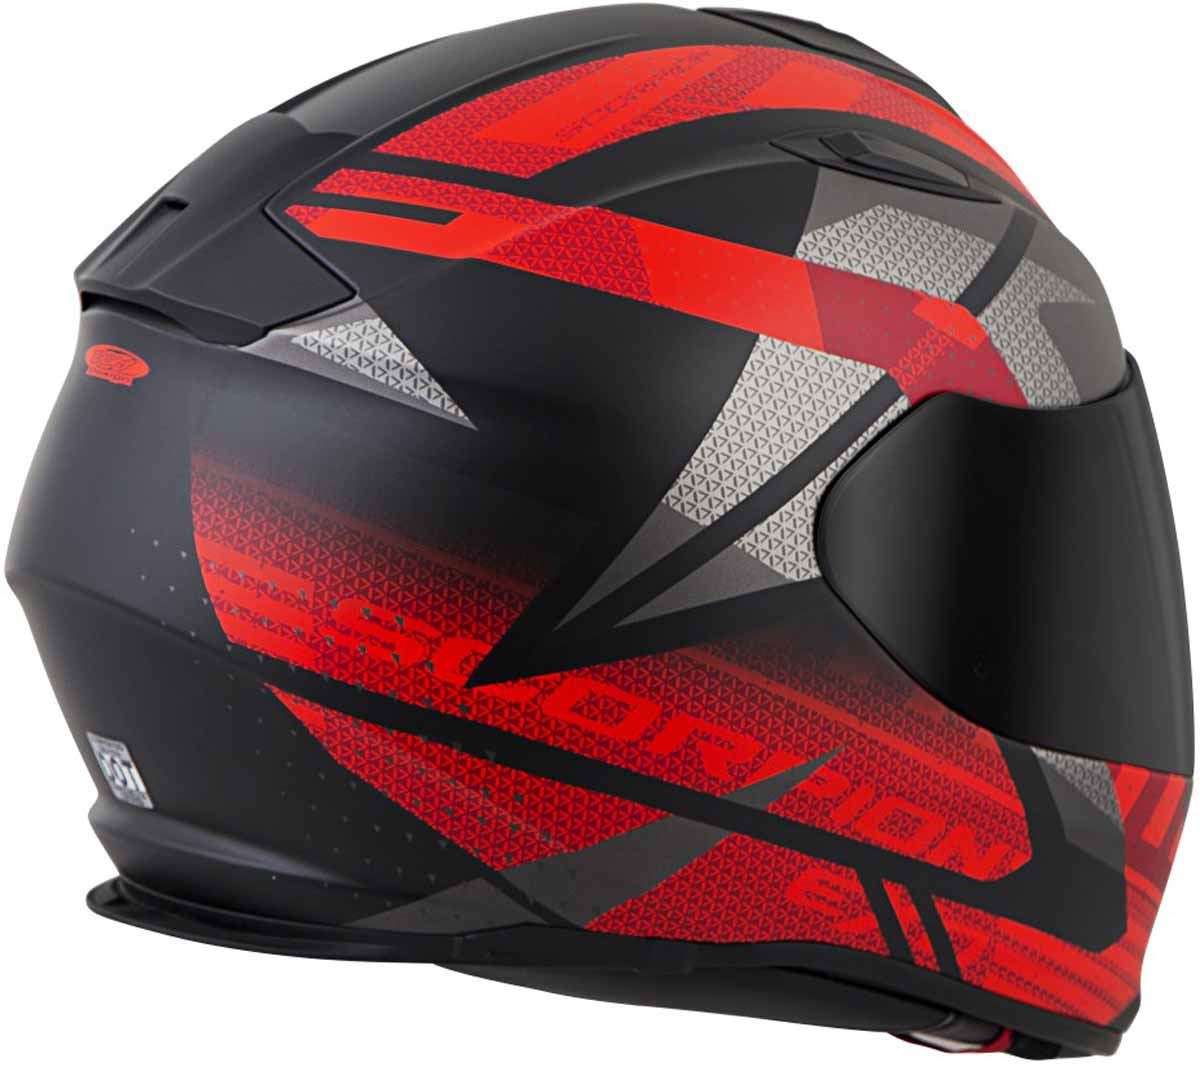 Scorpion-EXO-T510-Helmet-Full-Face-DOT-Approved-Inner-Sun-Shield miniature 82